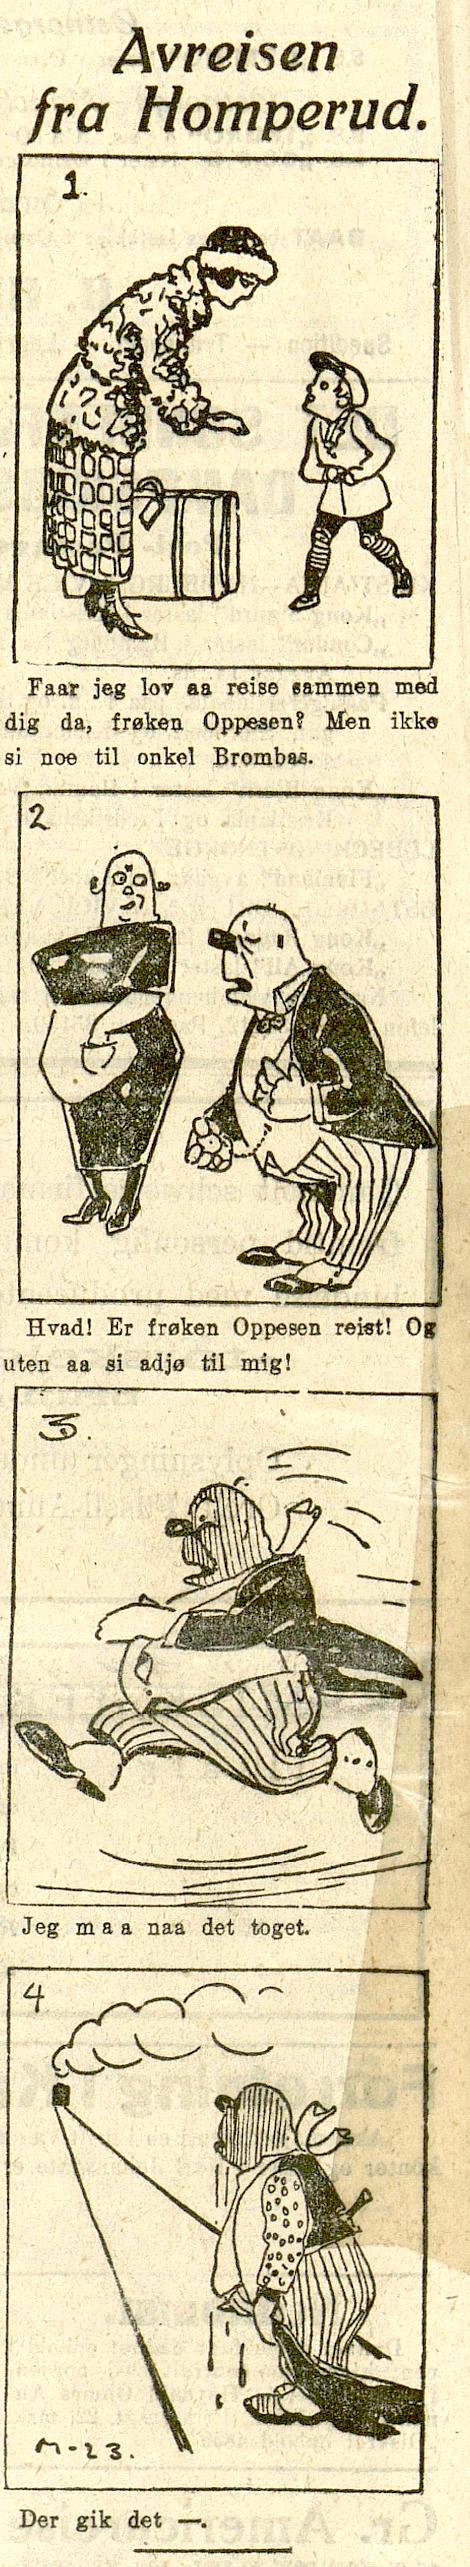 Onkel Brombas - Avreisen fra Homperud av Ivar Mauritz-Hansen.